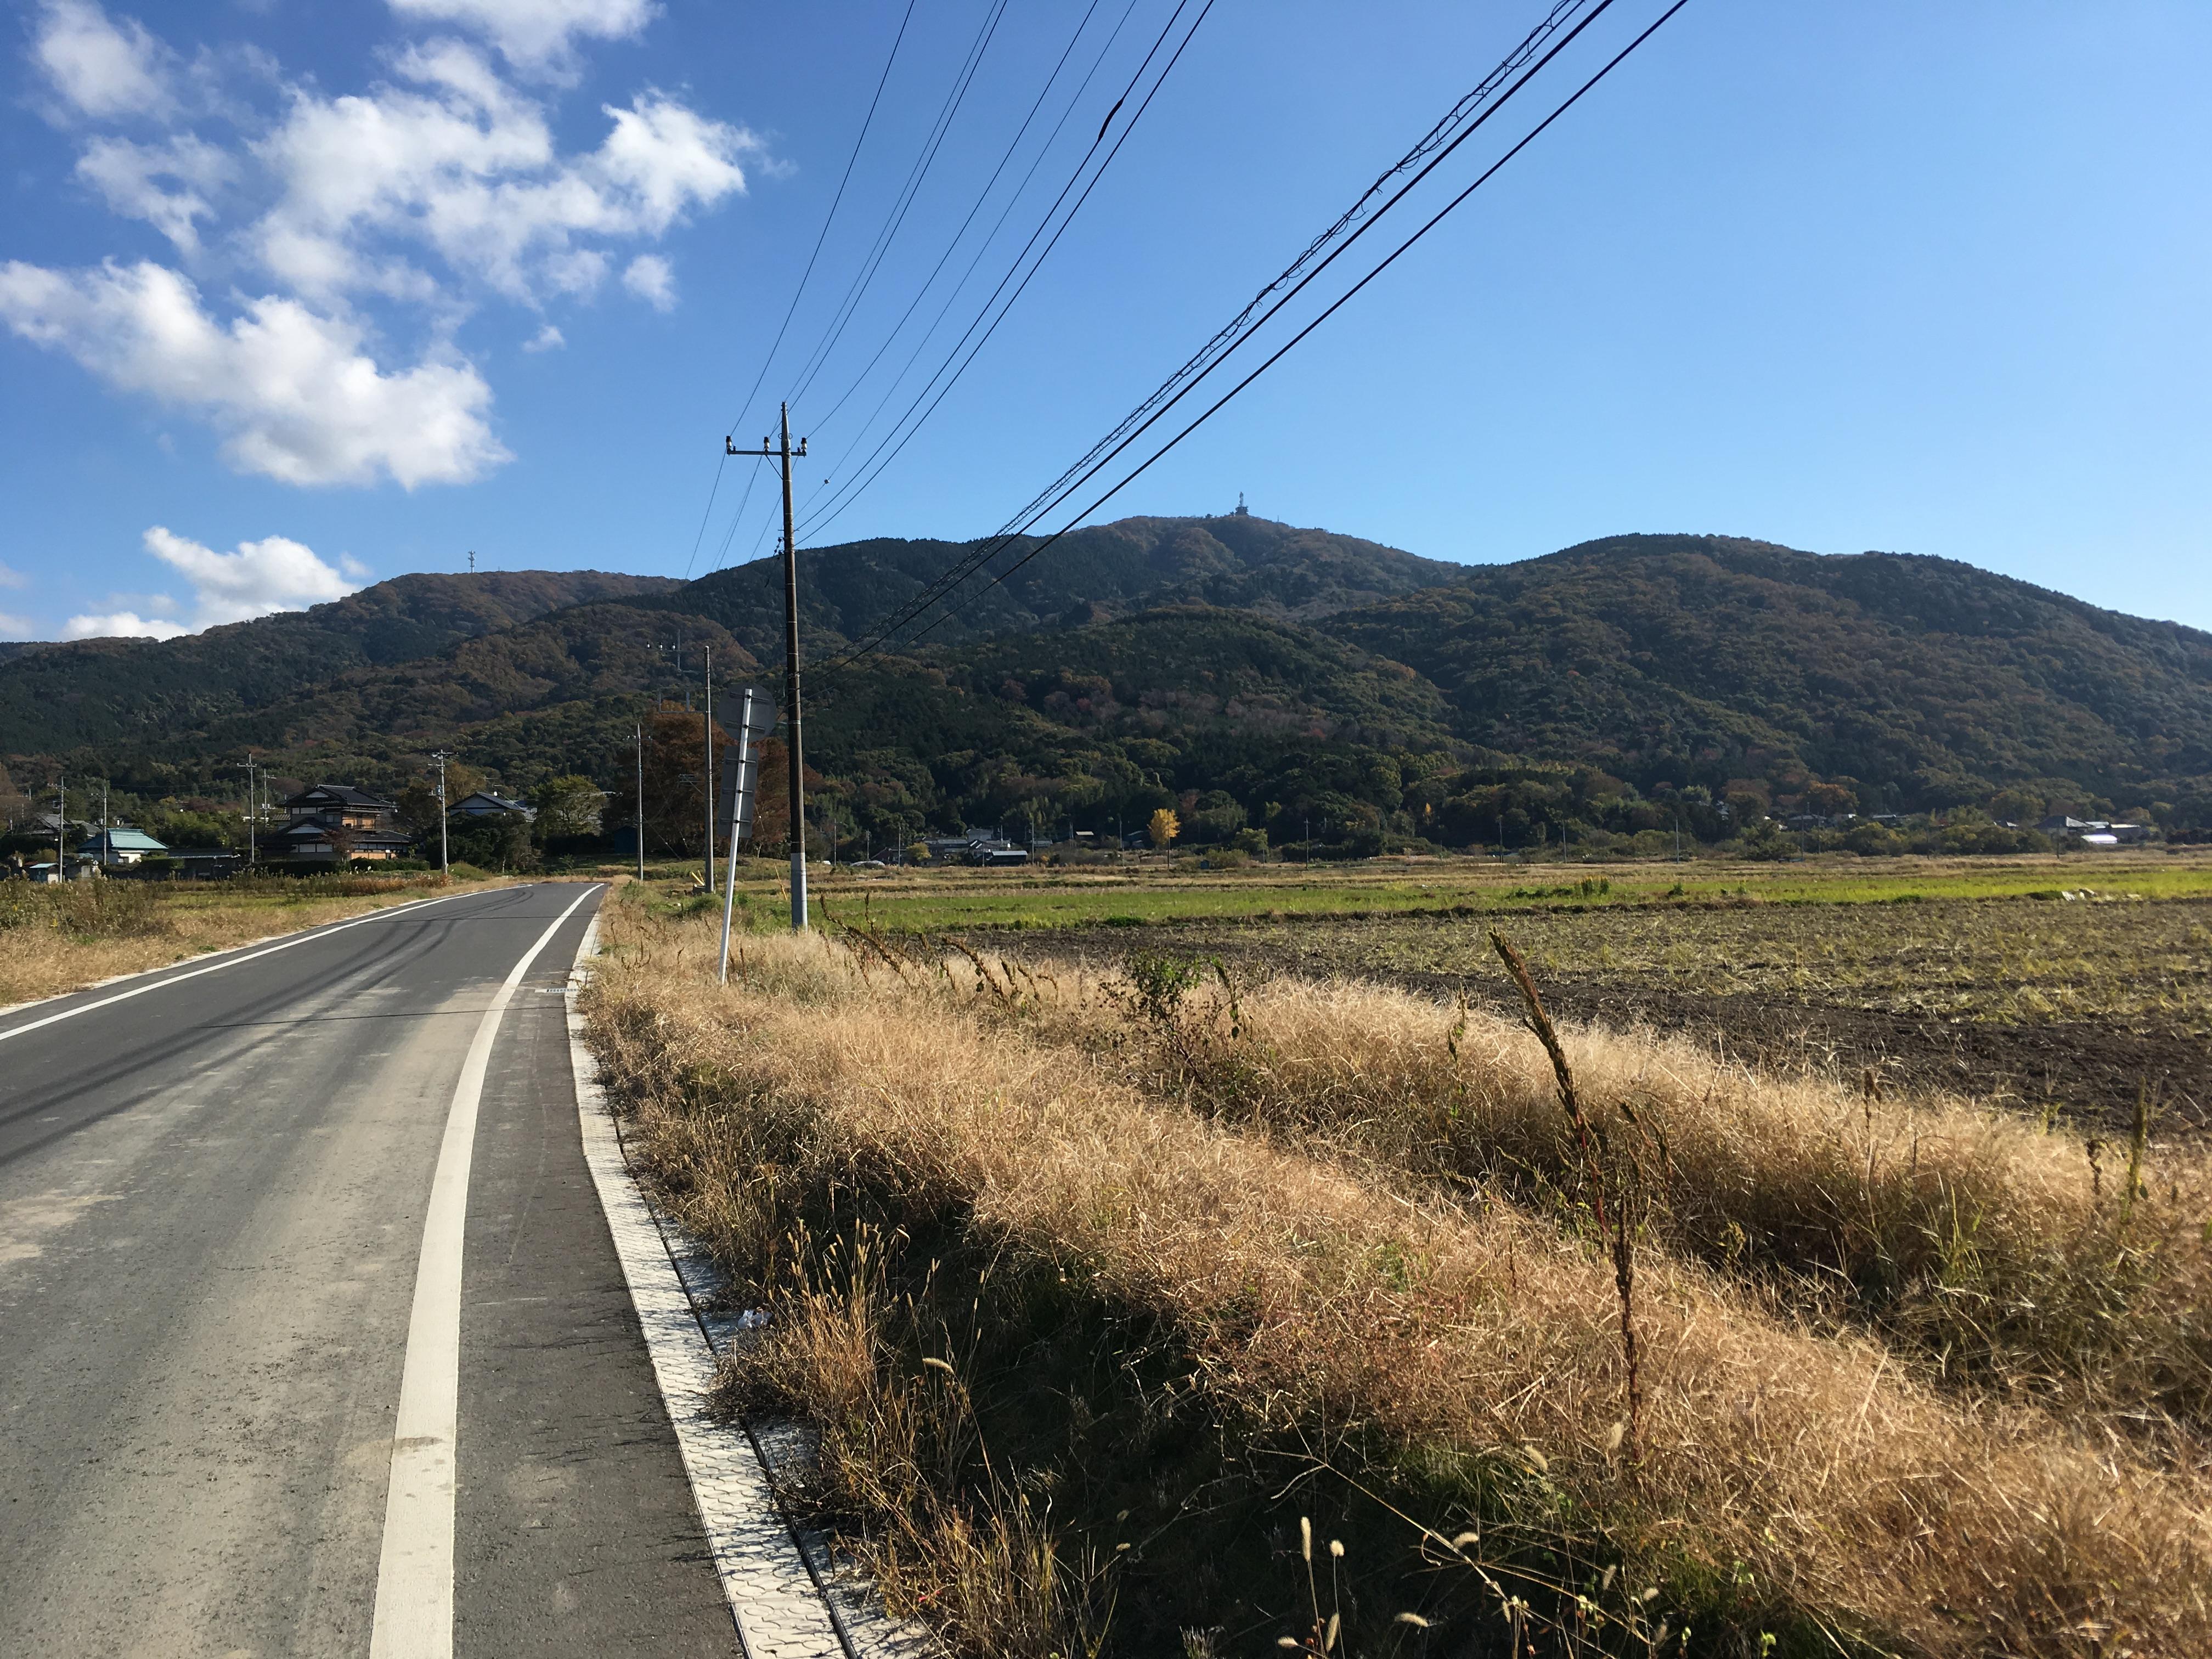 宝篋山 舗装された道路